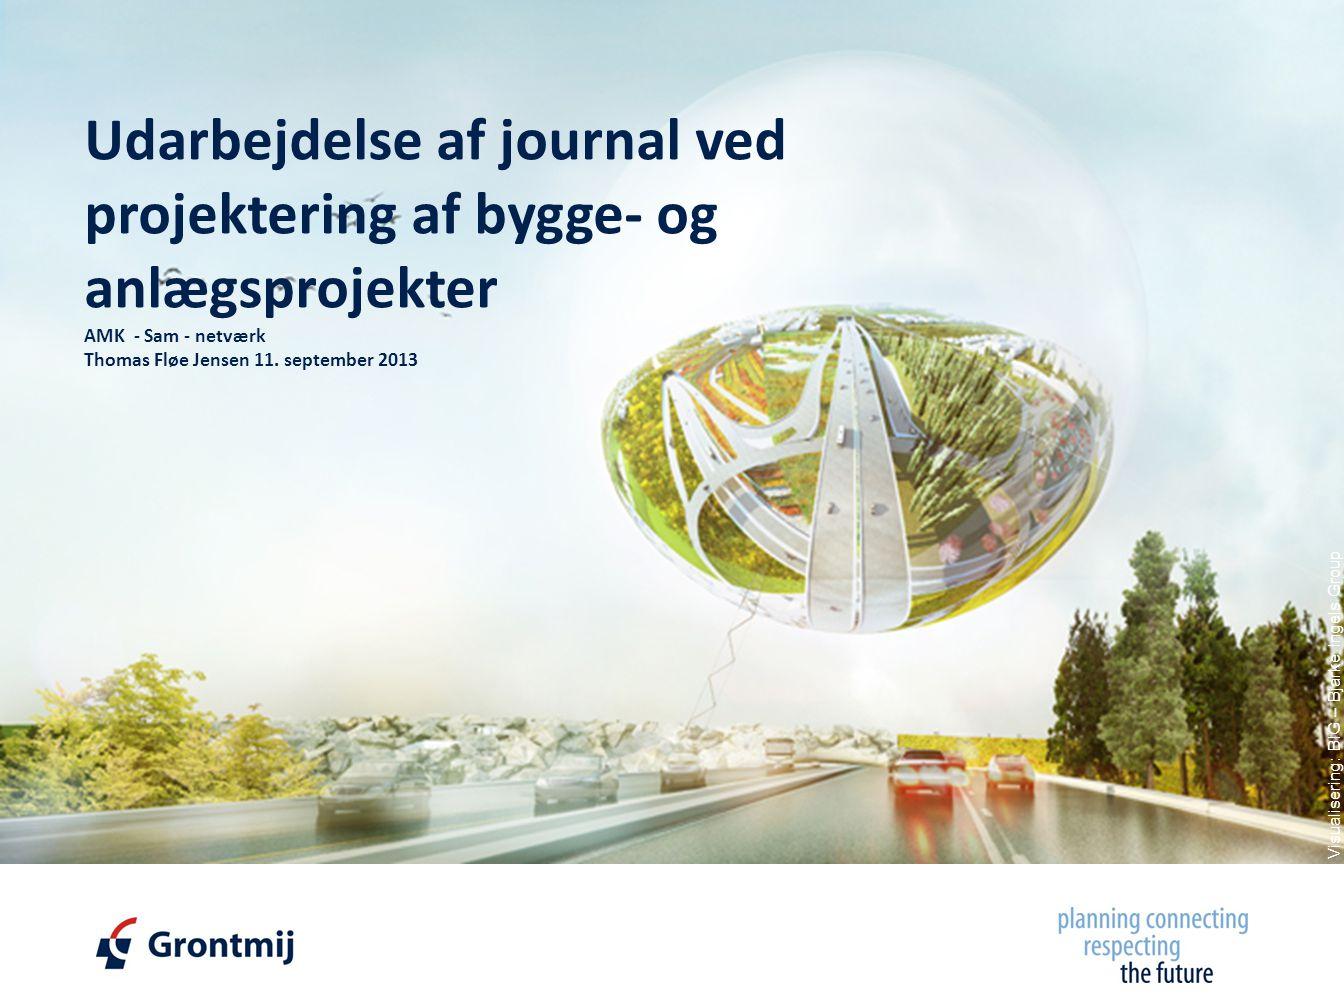 © Copyright, Grontmij A/S 2011 Visualisering: BIG – Bjarke Ingels Group Udarbejdelse af journal ved projektering af bygge- og anlægsprojekter AMK - Sam - netværk Thomas Fløe Jensen 11.